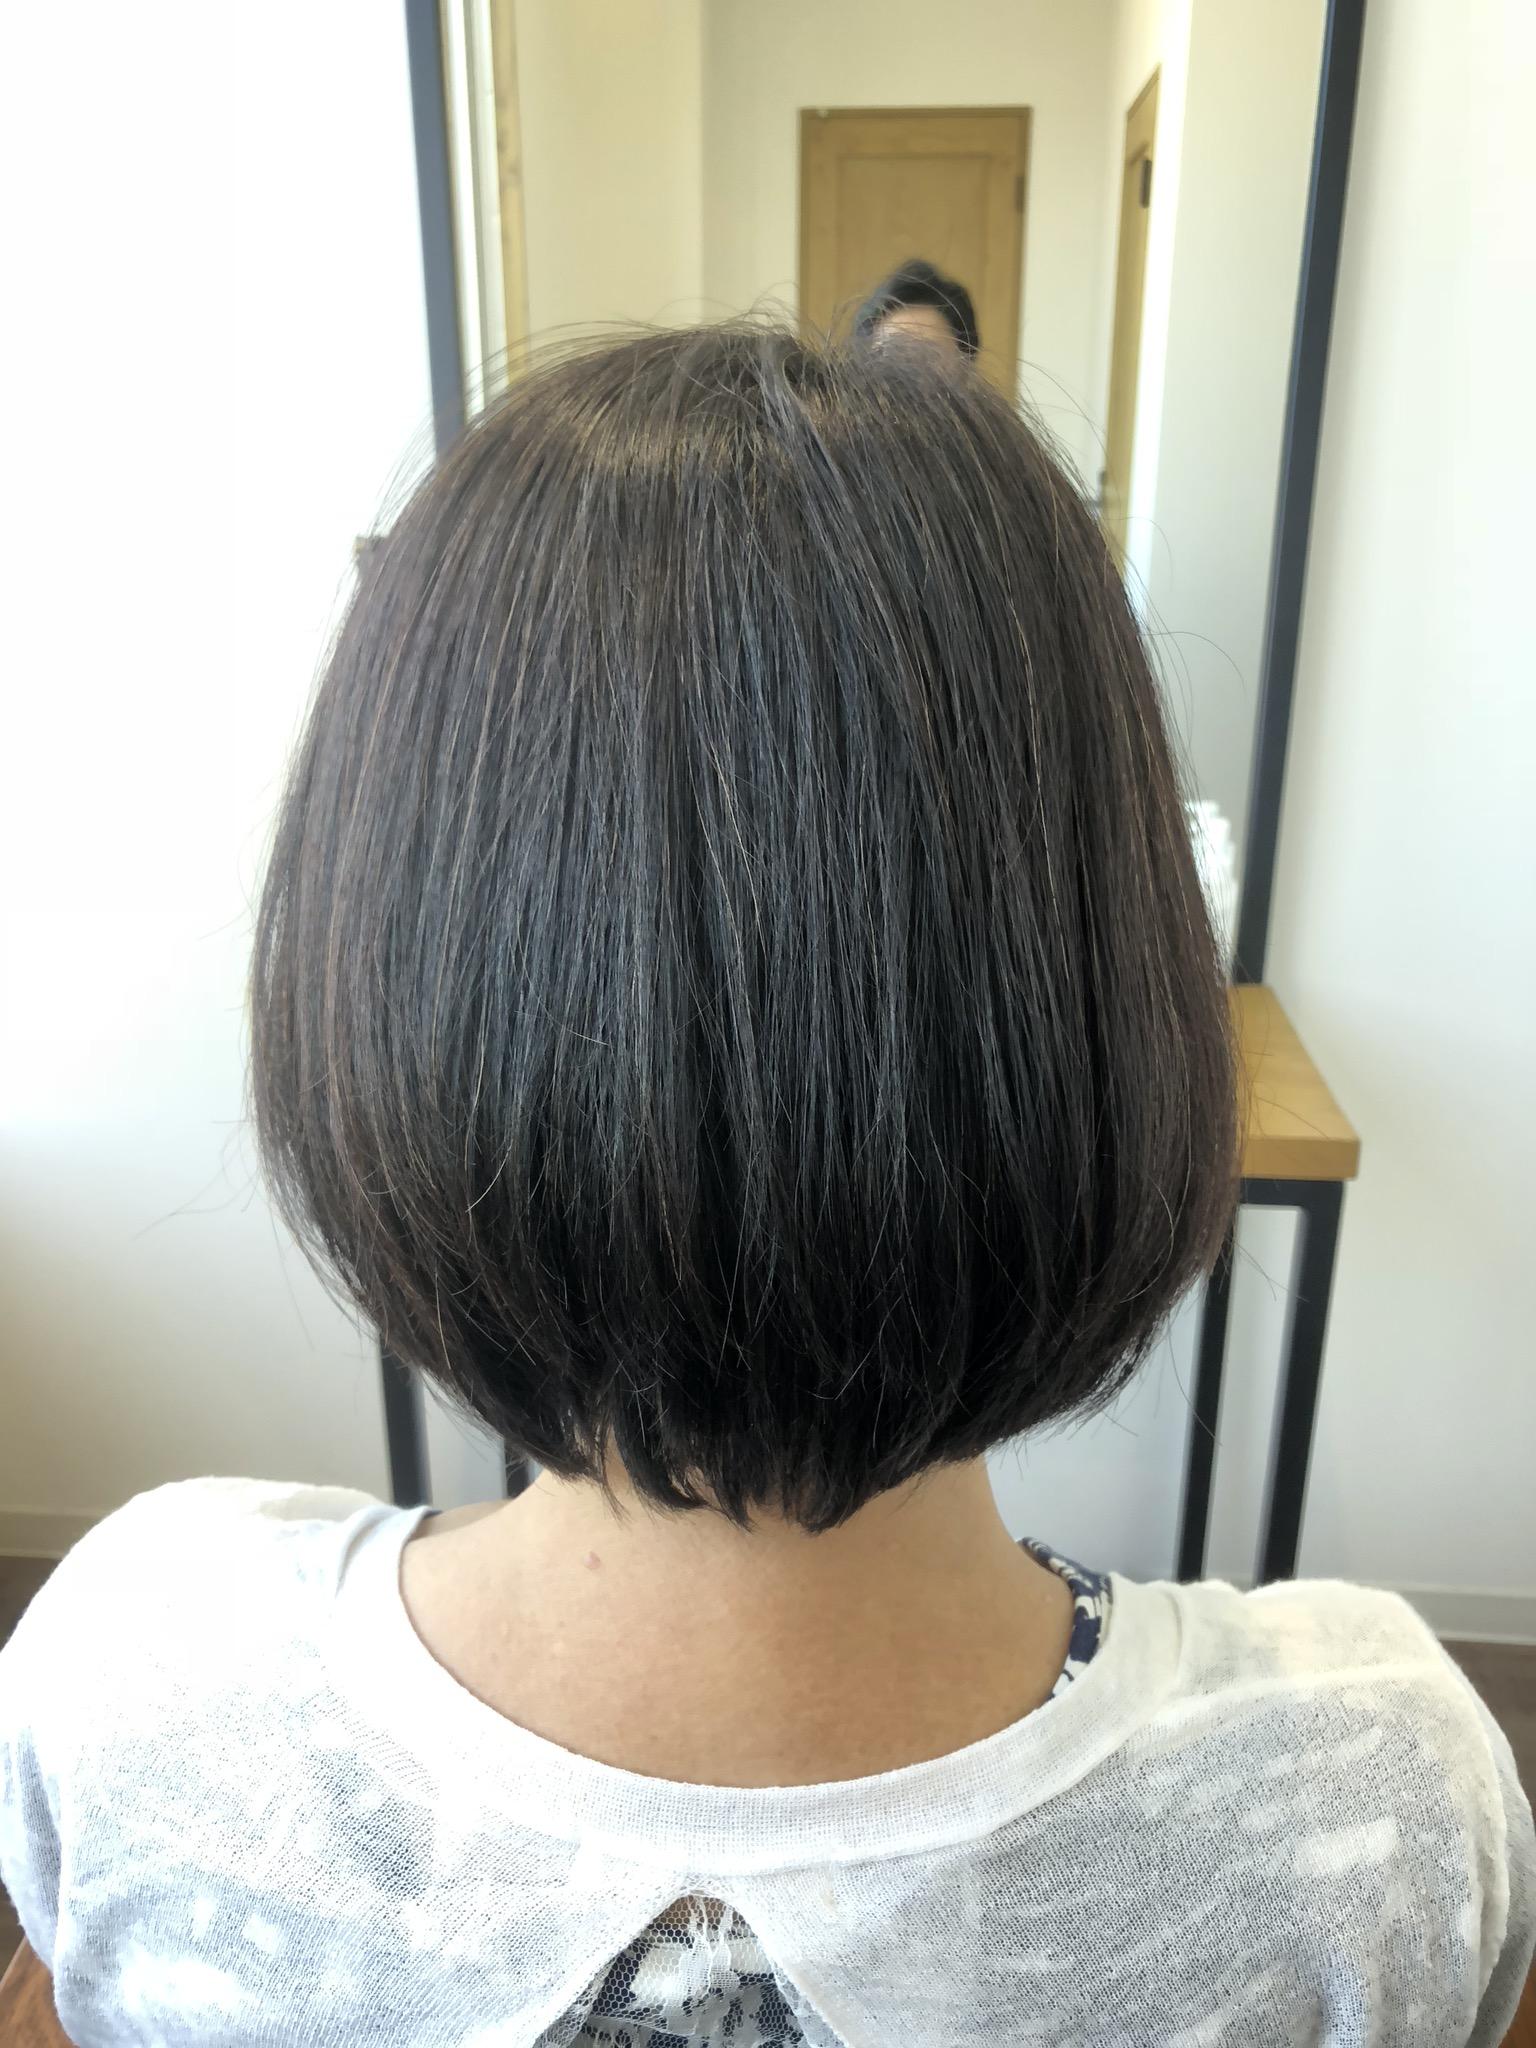 oggiotto(オッジィオット)スペシャルトリートメントと縮毛矯正をすると時間が経っても綺麗な髪を保てます! |別府市 縮毛矯正が得意な美容室Rangali(ランガリ)